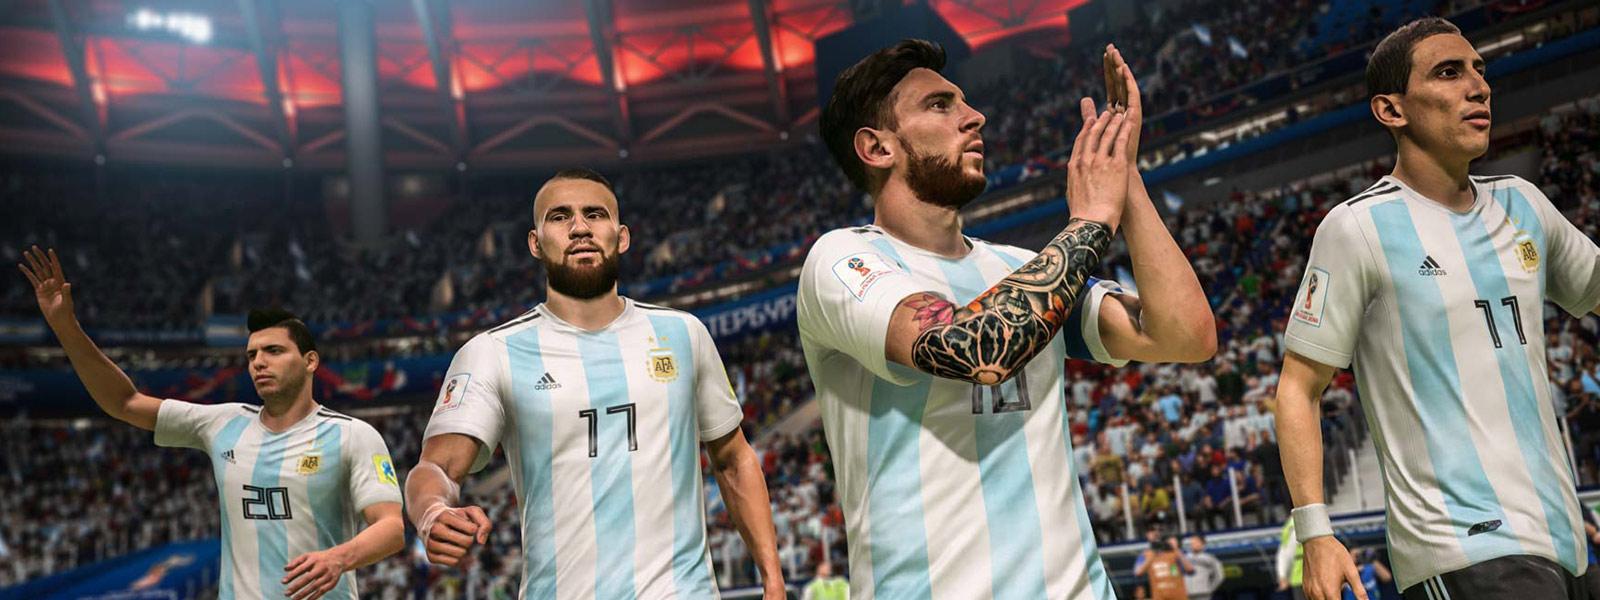 Quatre joueurs de l'Argentine applaudissant le public avant un match